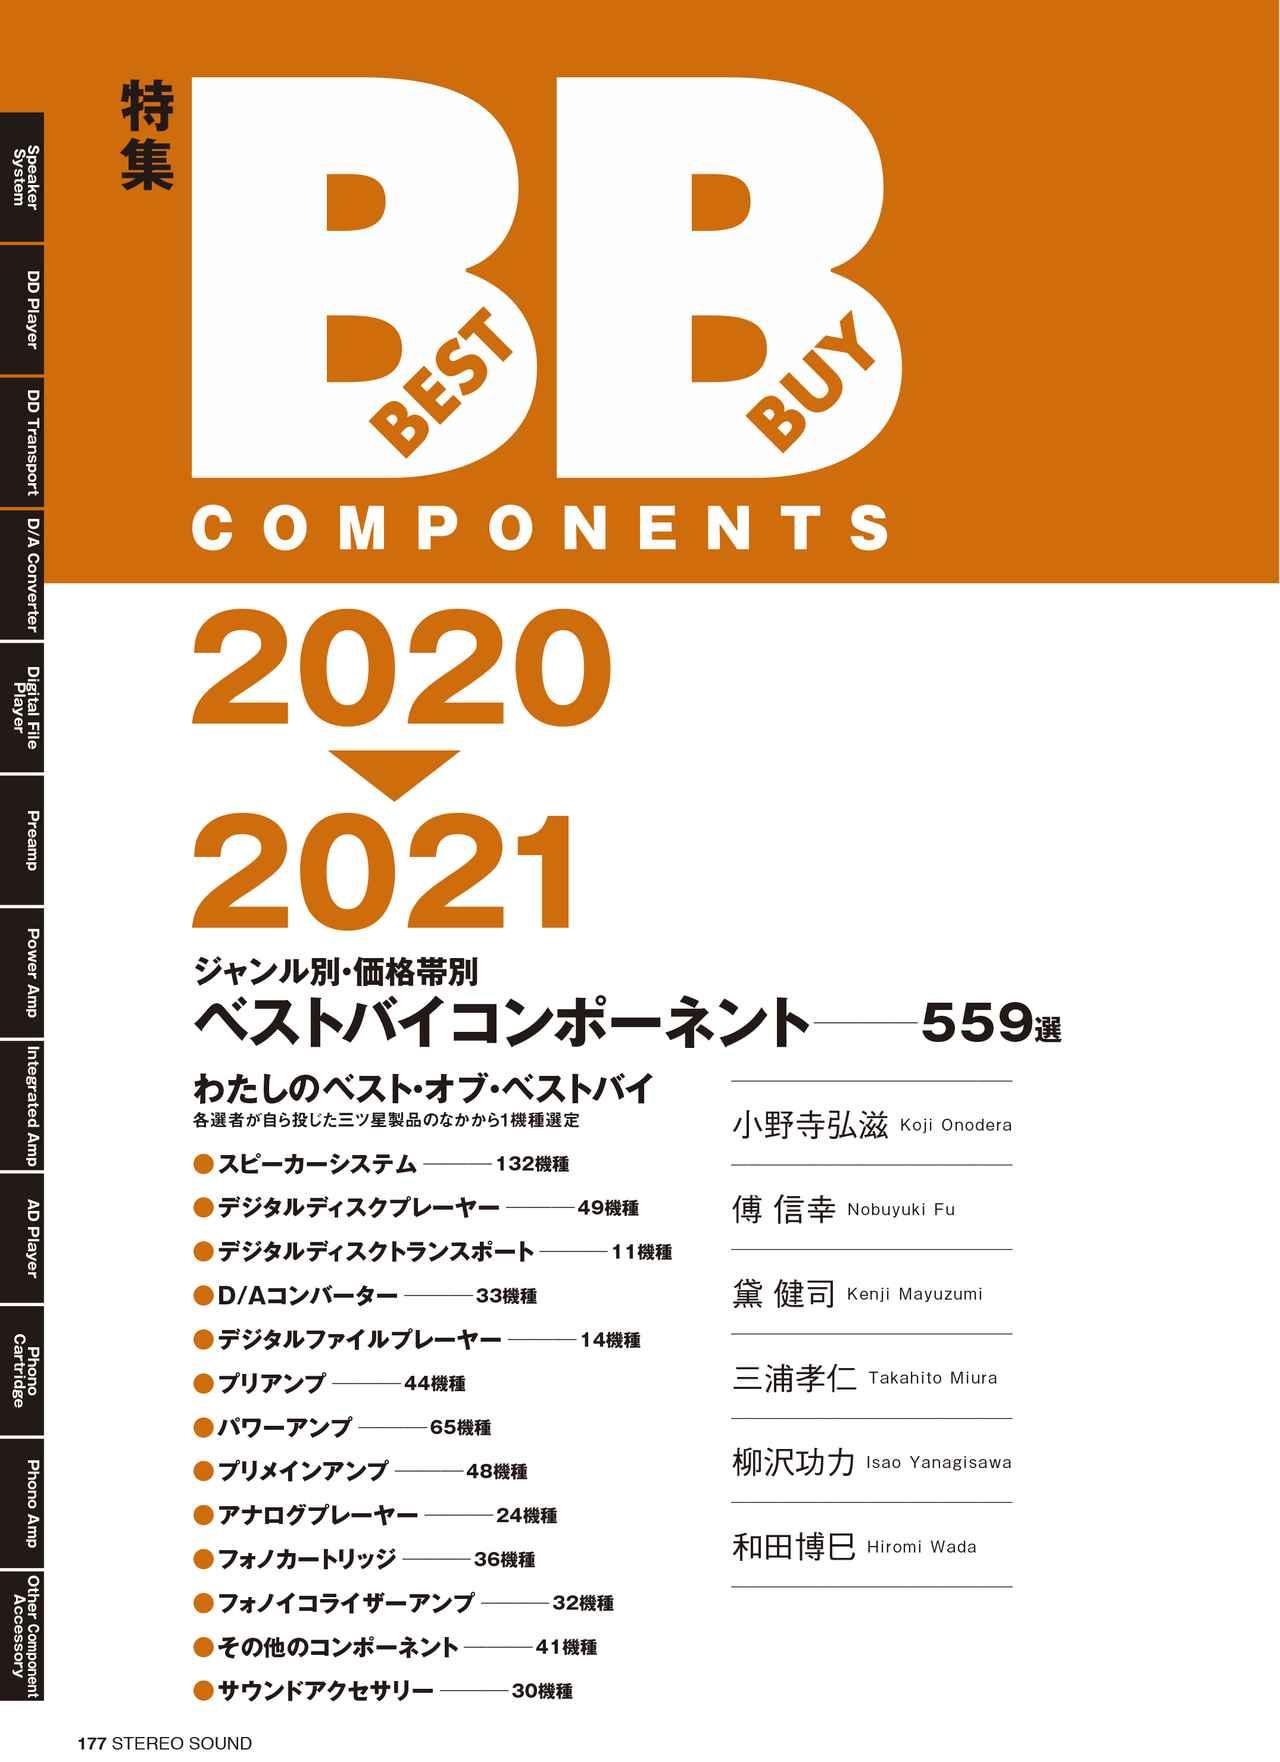 画像: ジャンル別・価格帯別 2020-2021 ベストバイコンポーネント 559選